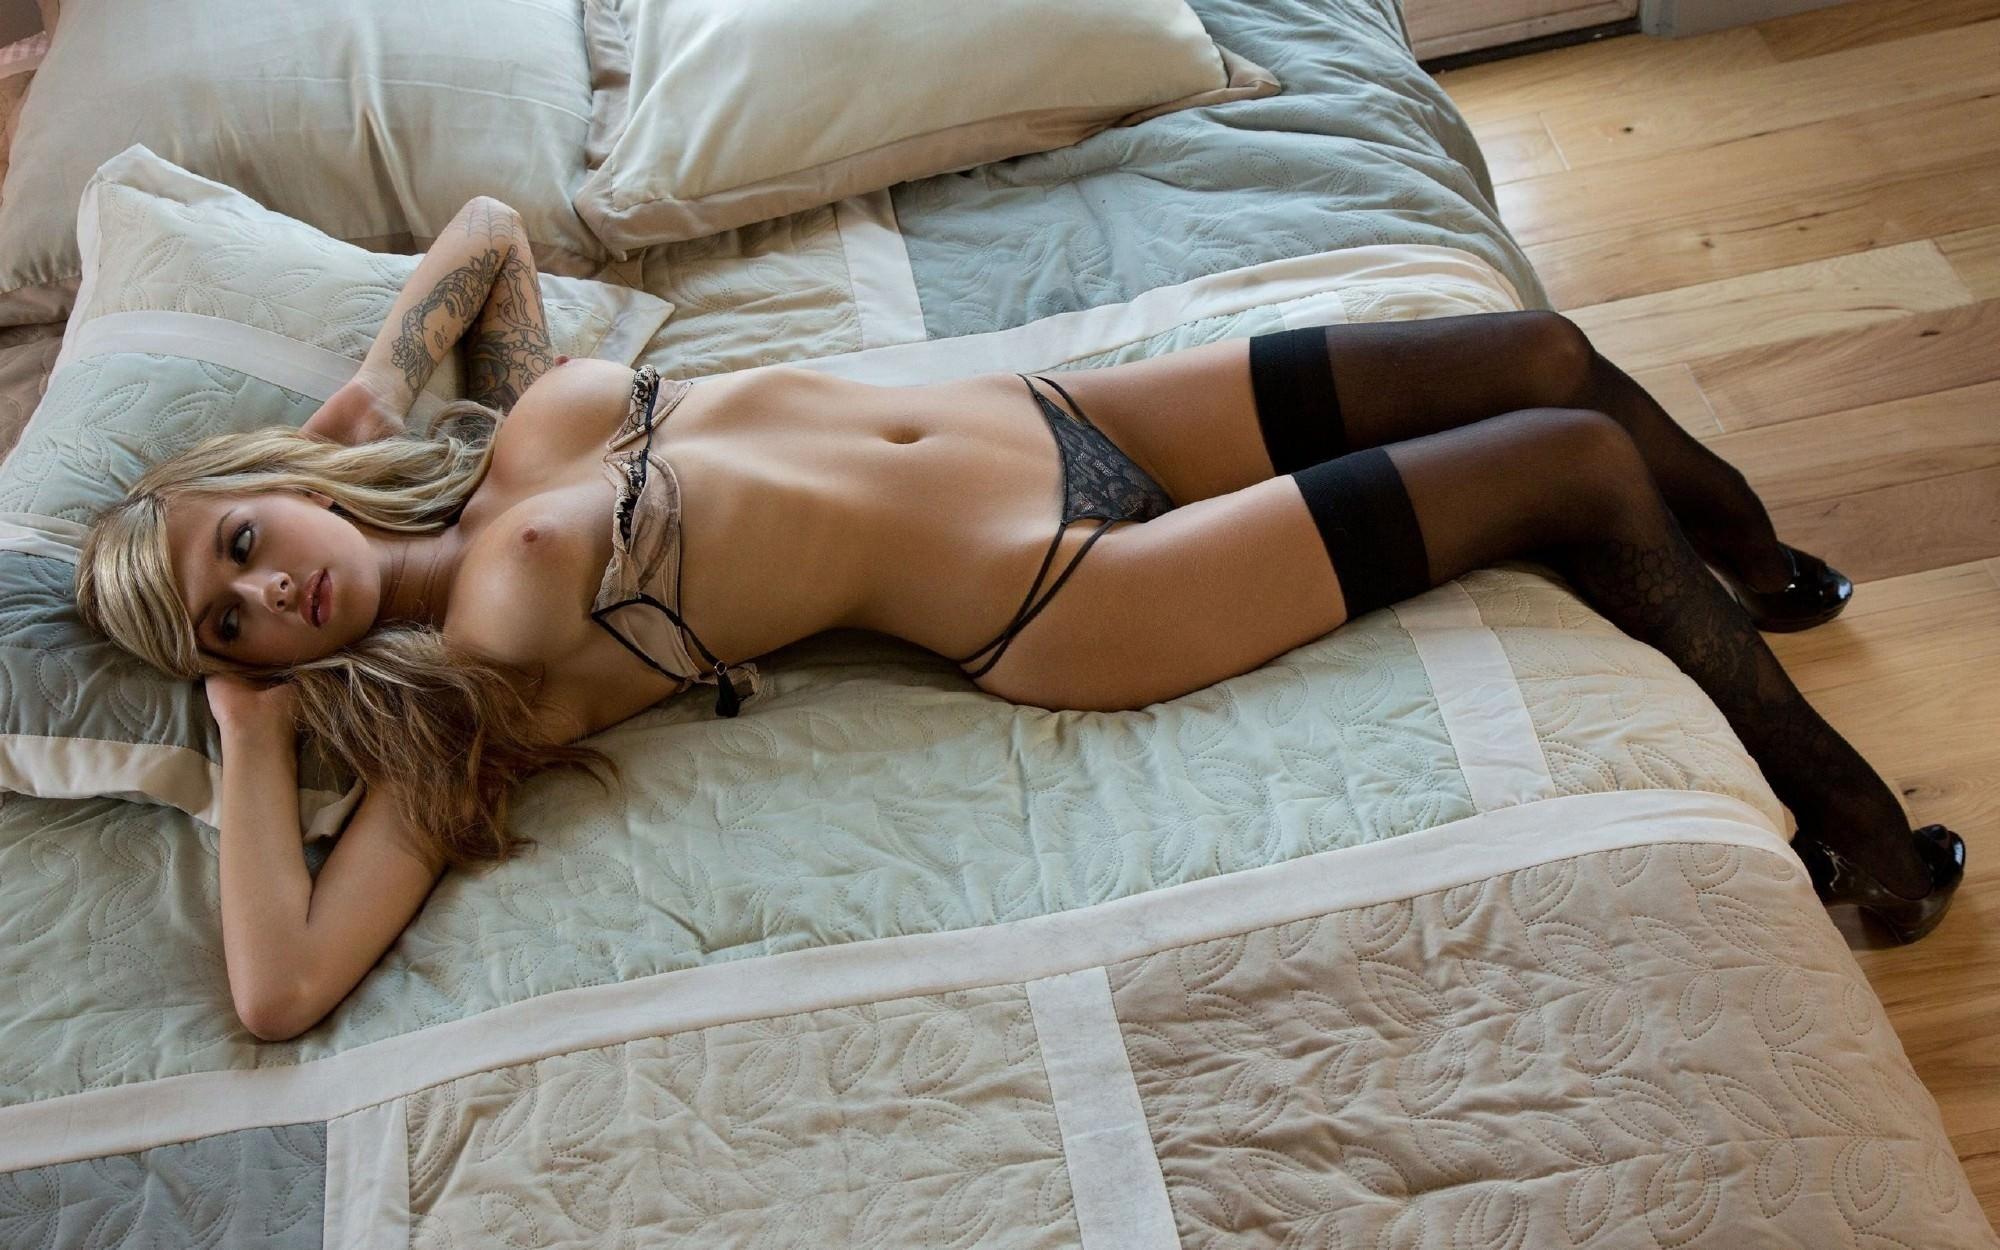 Lucy vixen bedroom lingerie curvy erotic sex pictures hd